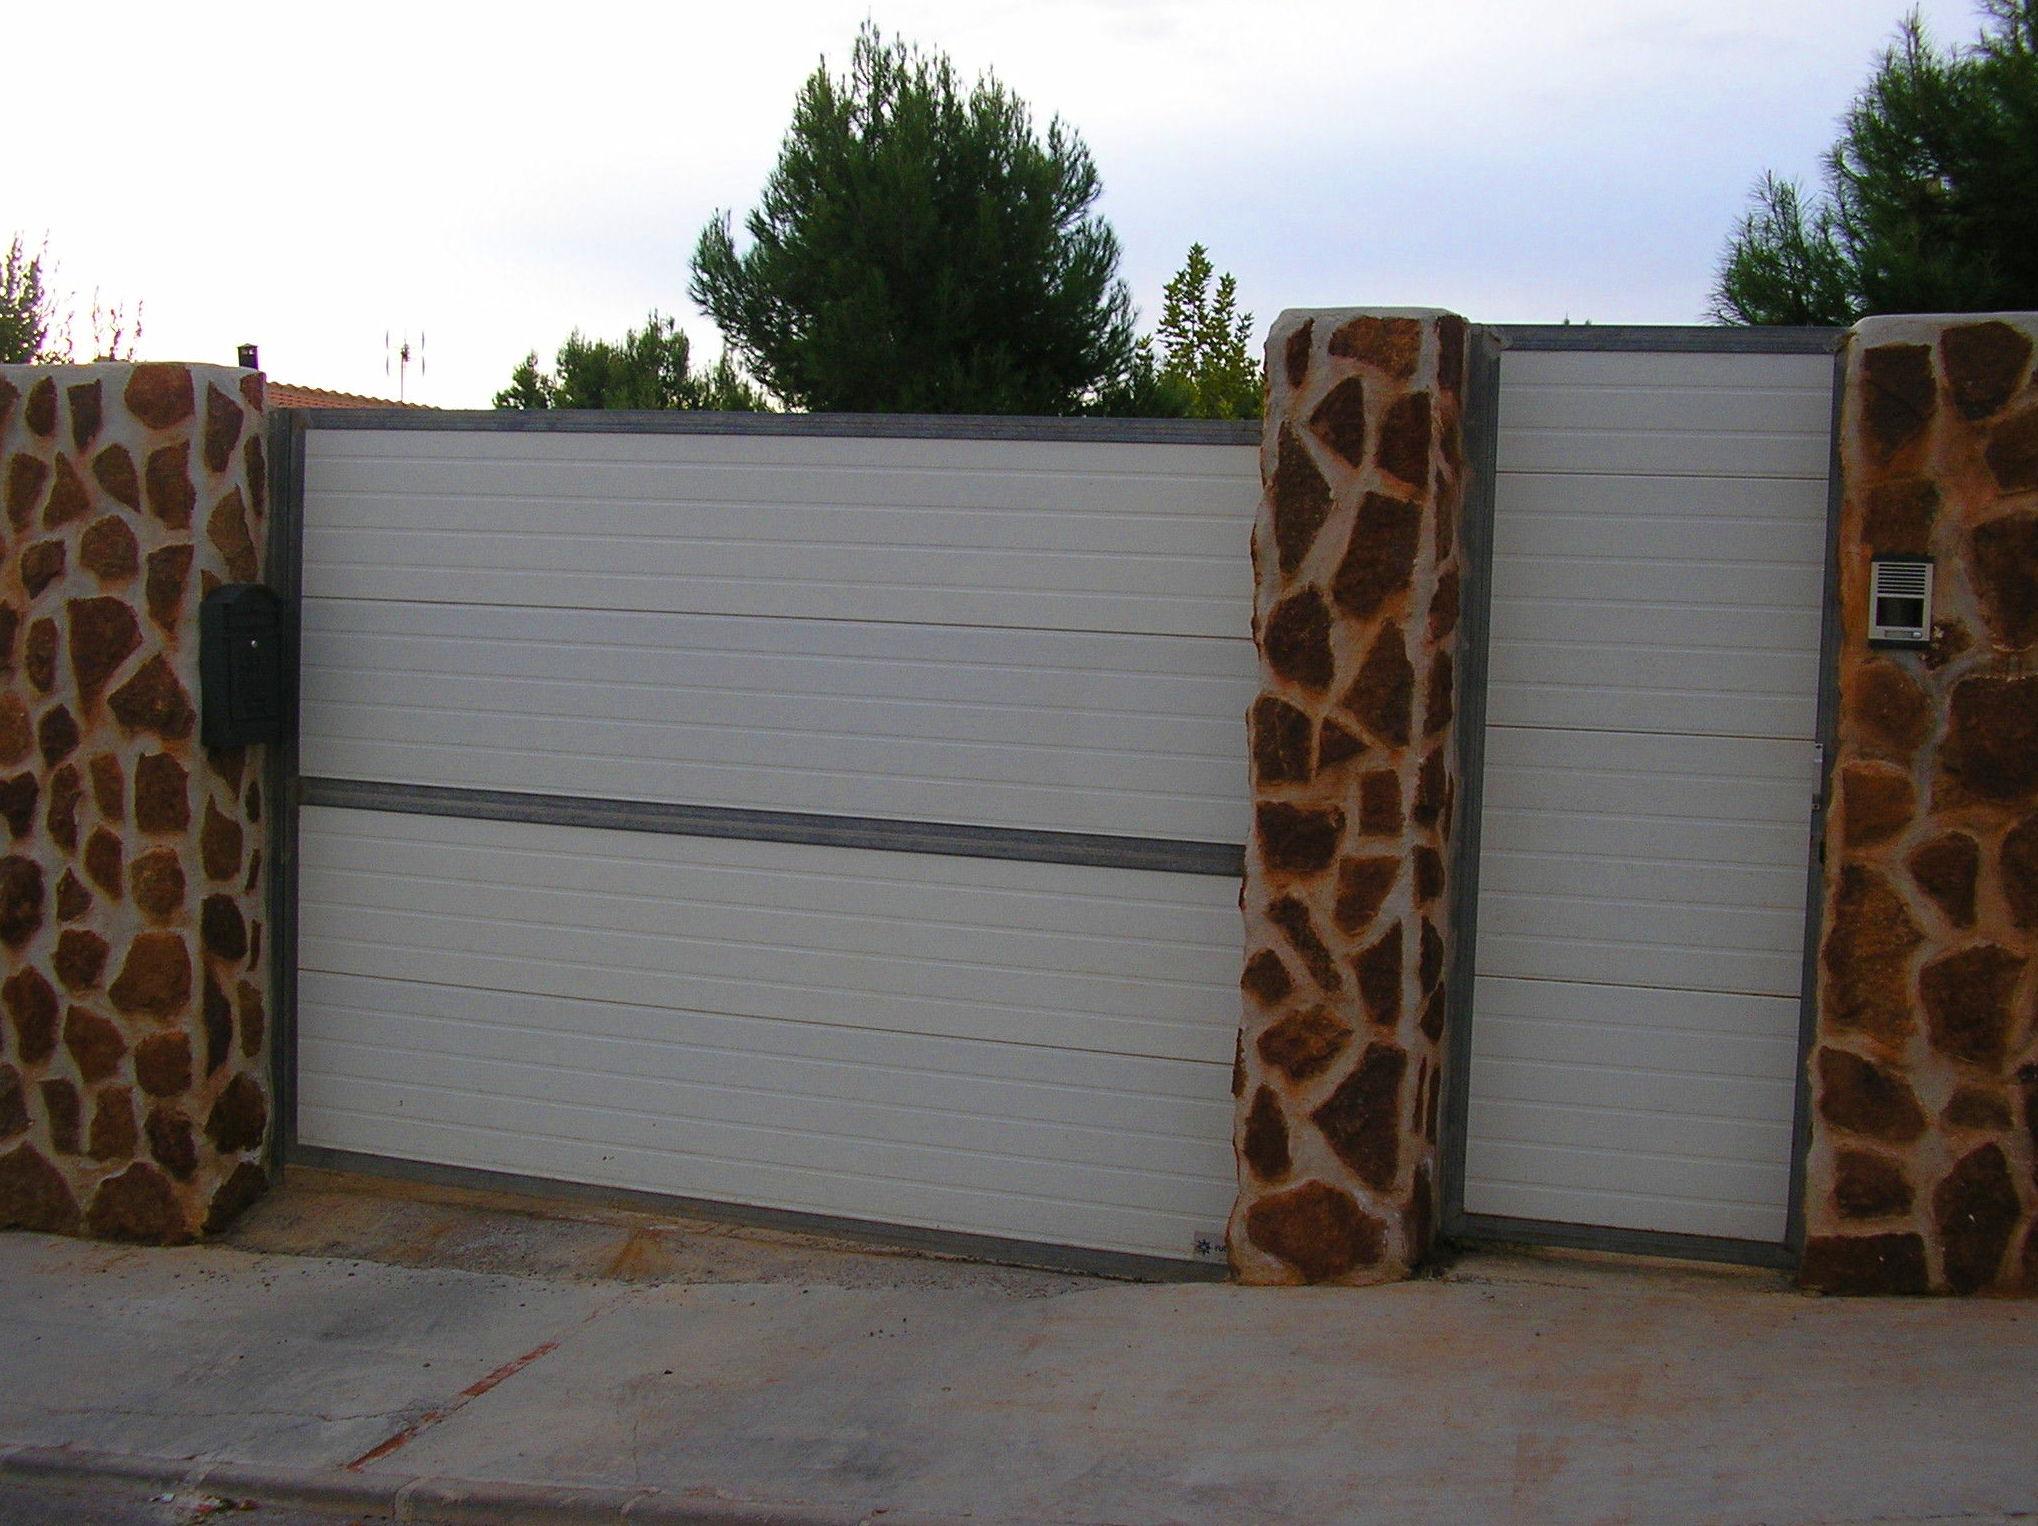 Puertas de panel aislante de sàndwich con marcos metálicos galvanizados